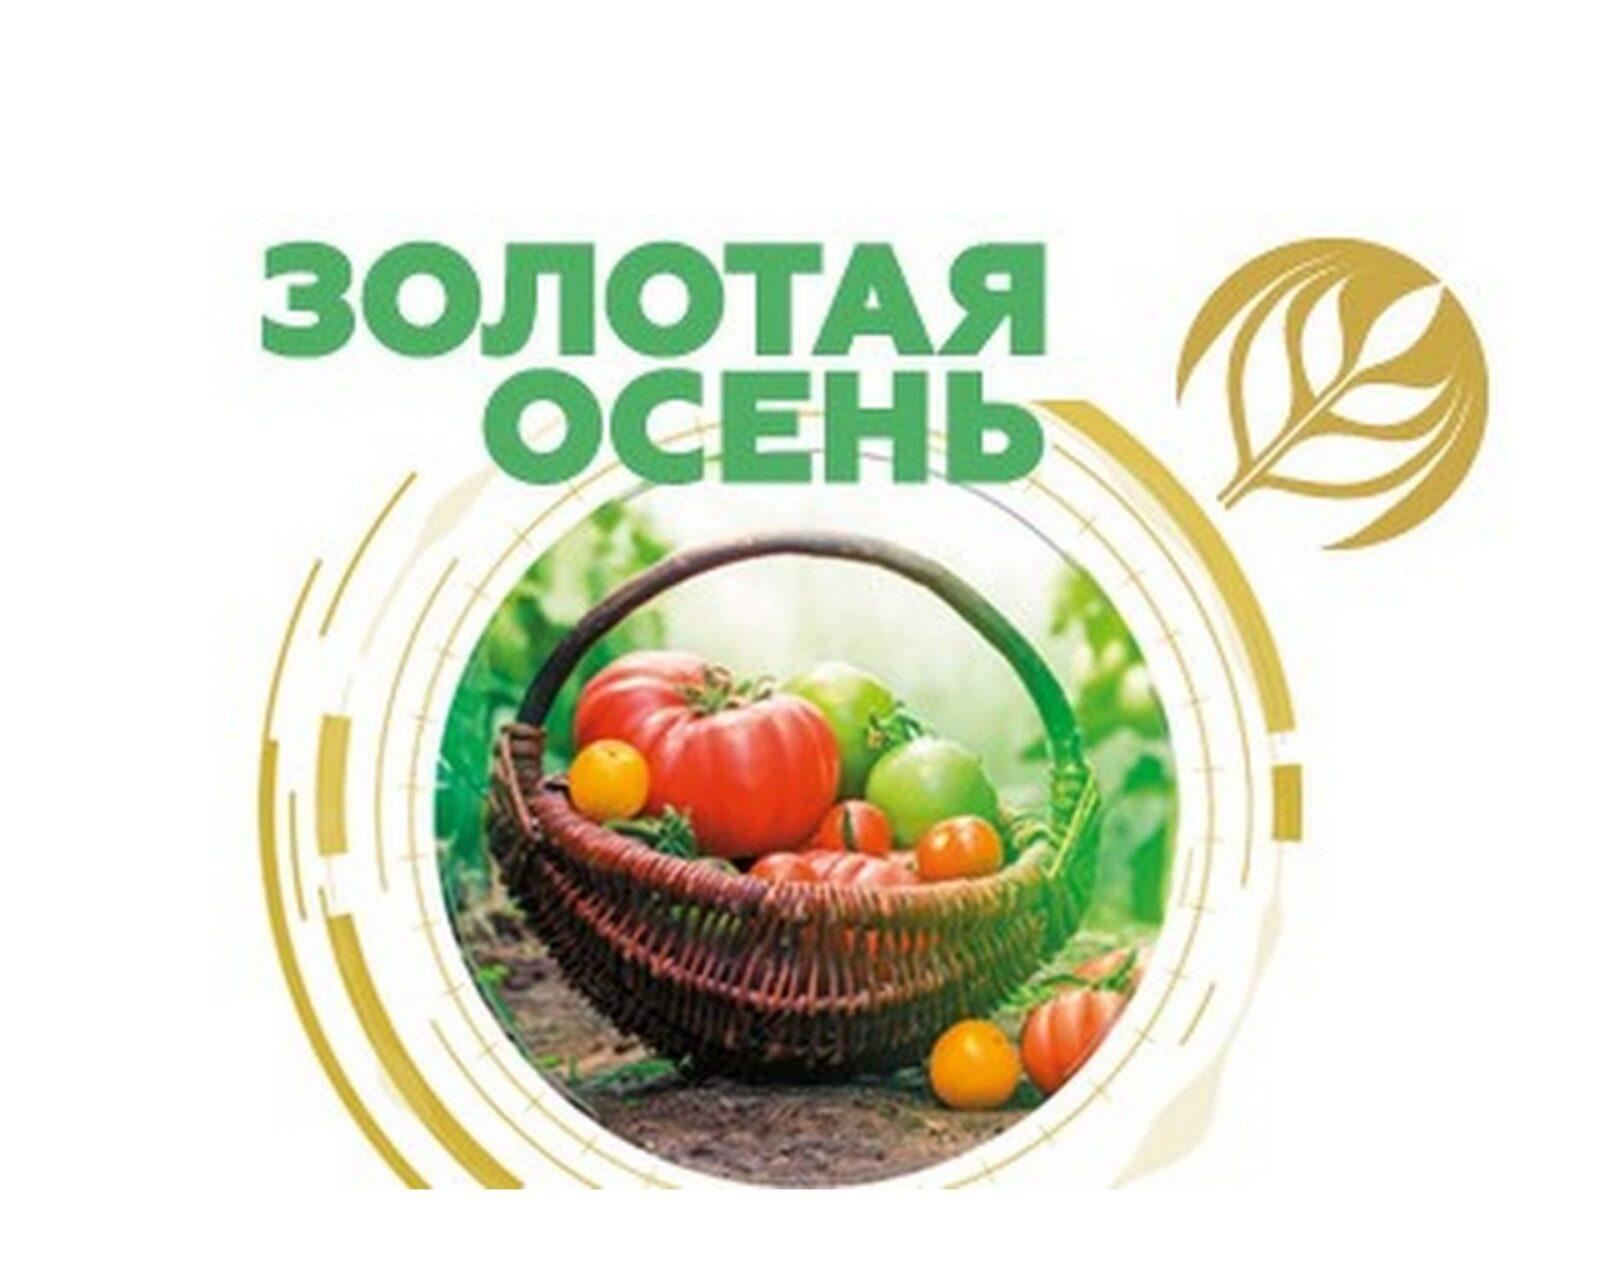 Торопецкие звероводы завоевали золото на Российской агропромышленной выставке «Золотая осень»